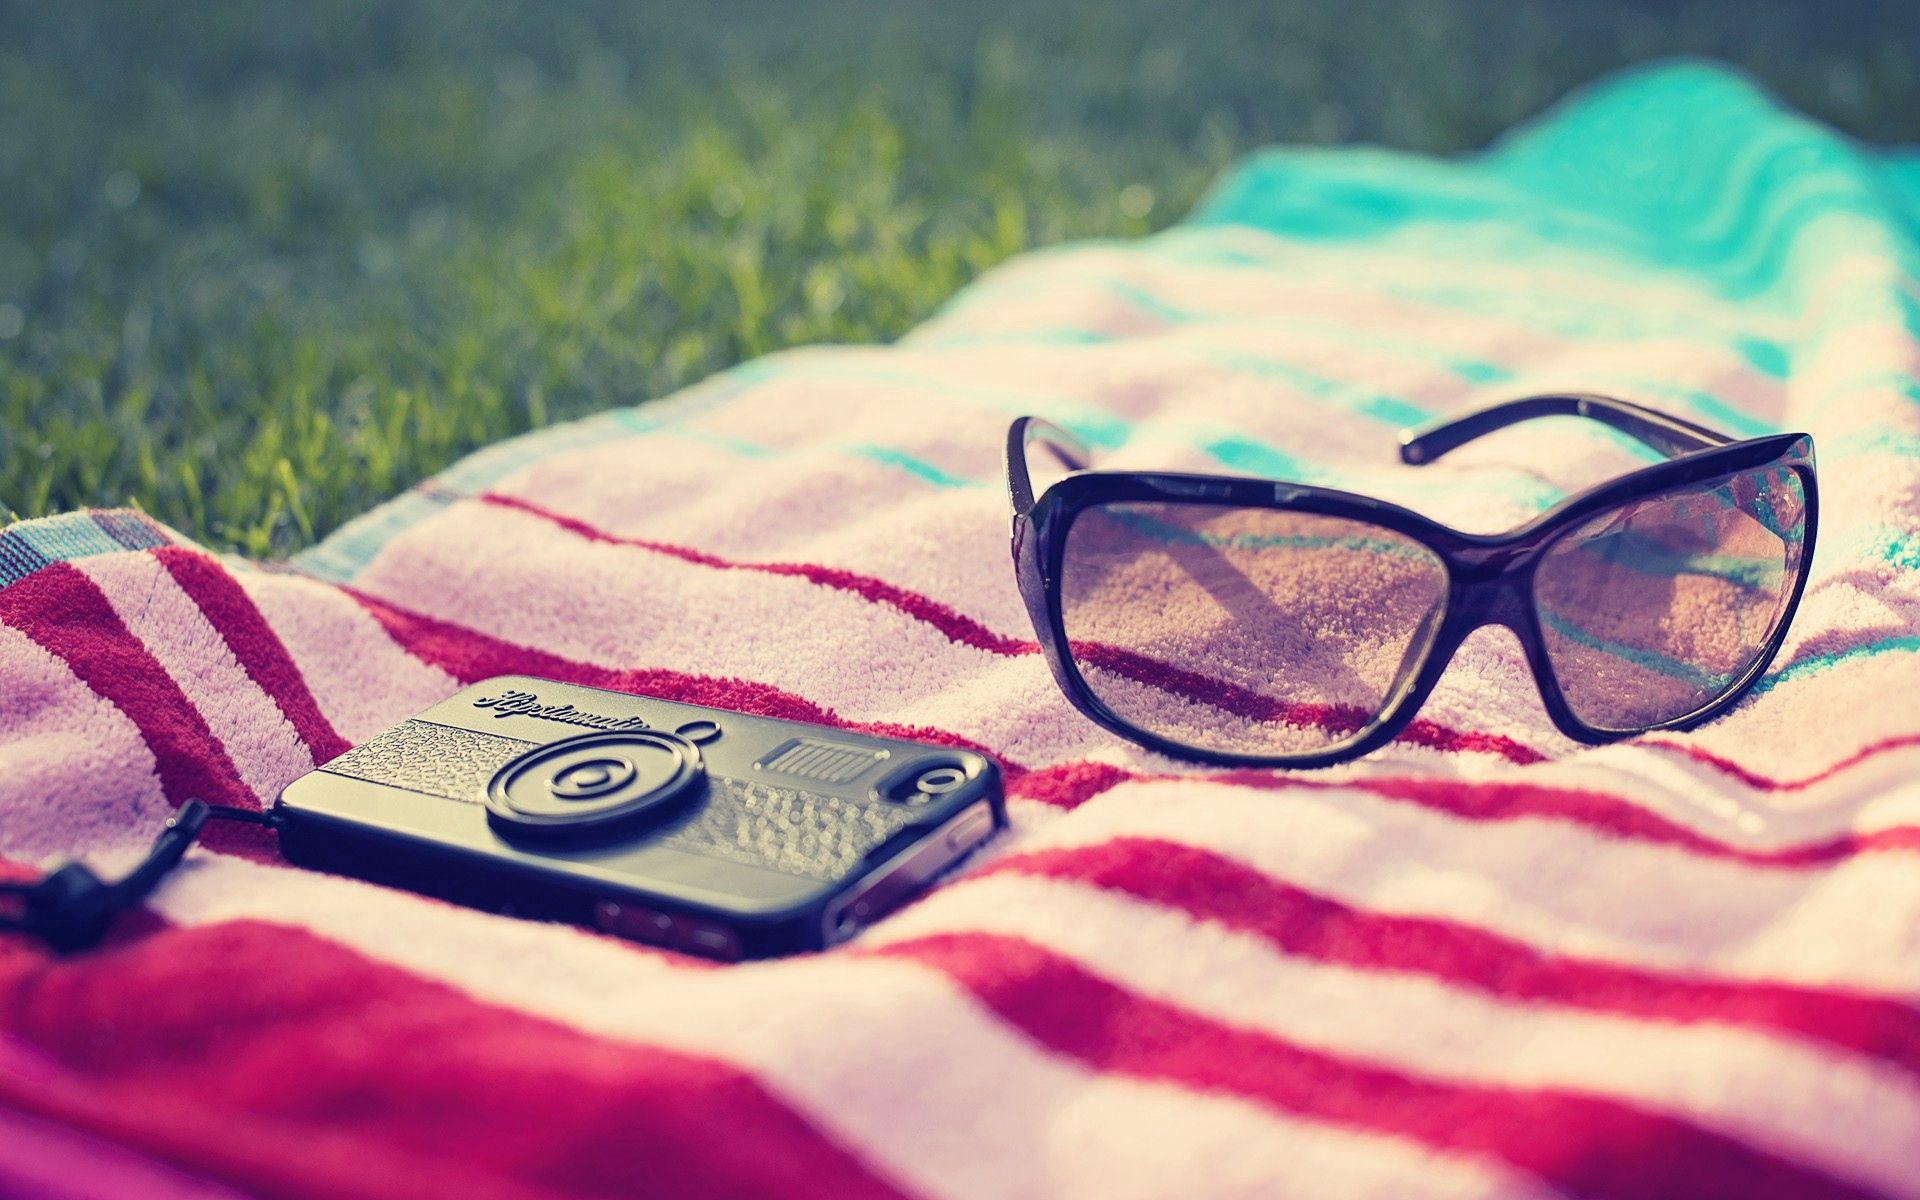 100128 скачать обои Разное, Телефон, Очки, Полотенец, Лето, Пляж - заставки и картинки бесплатно